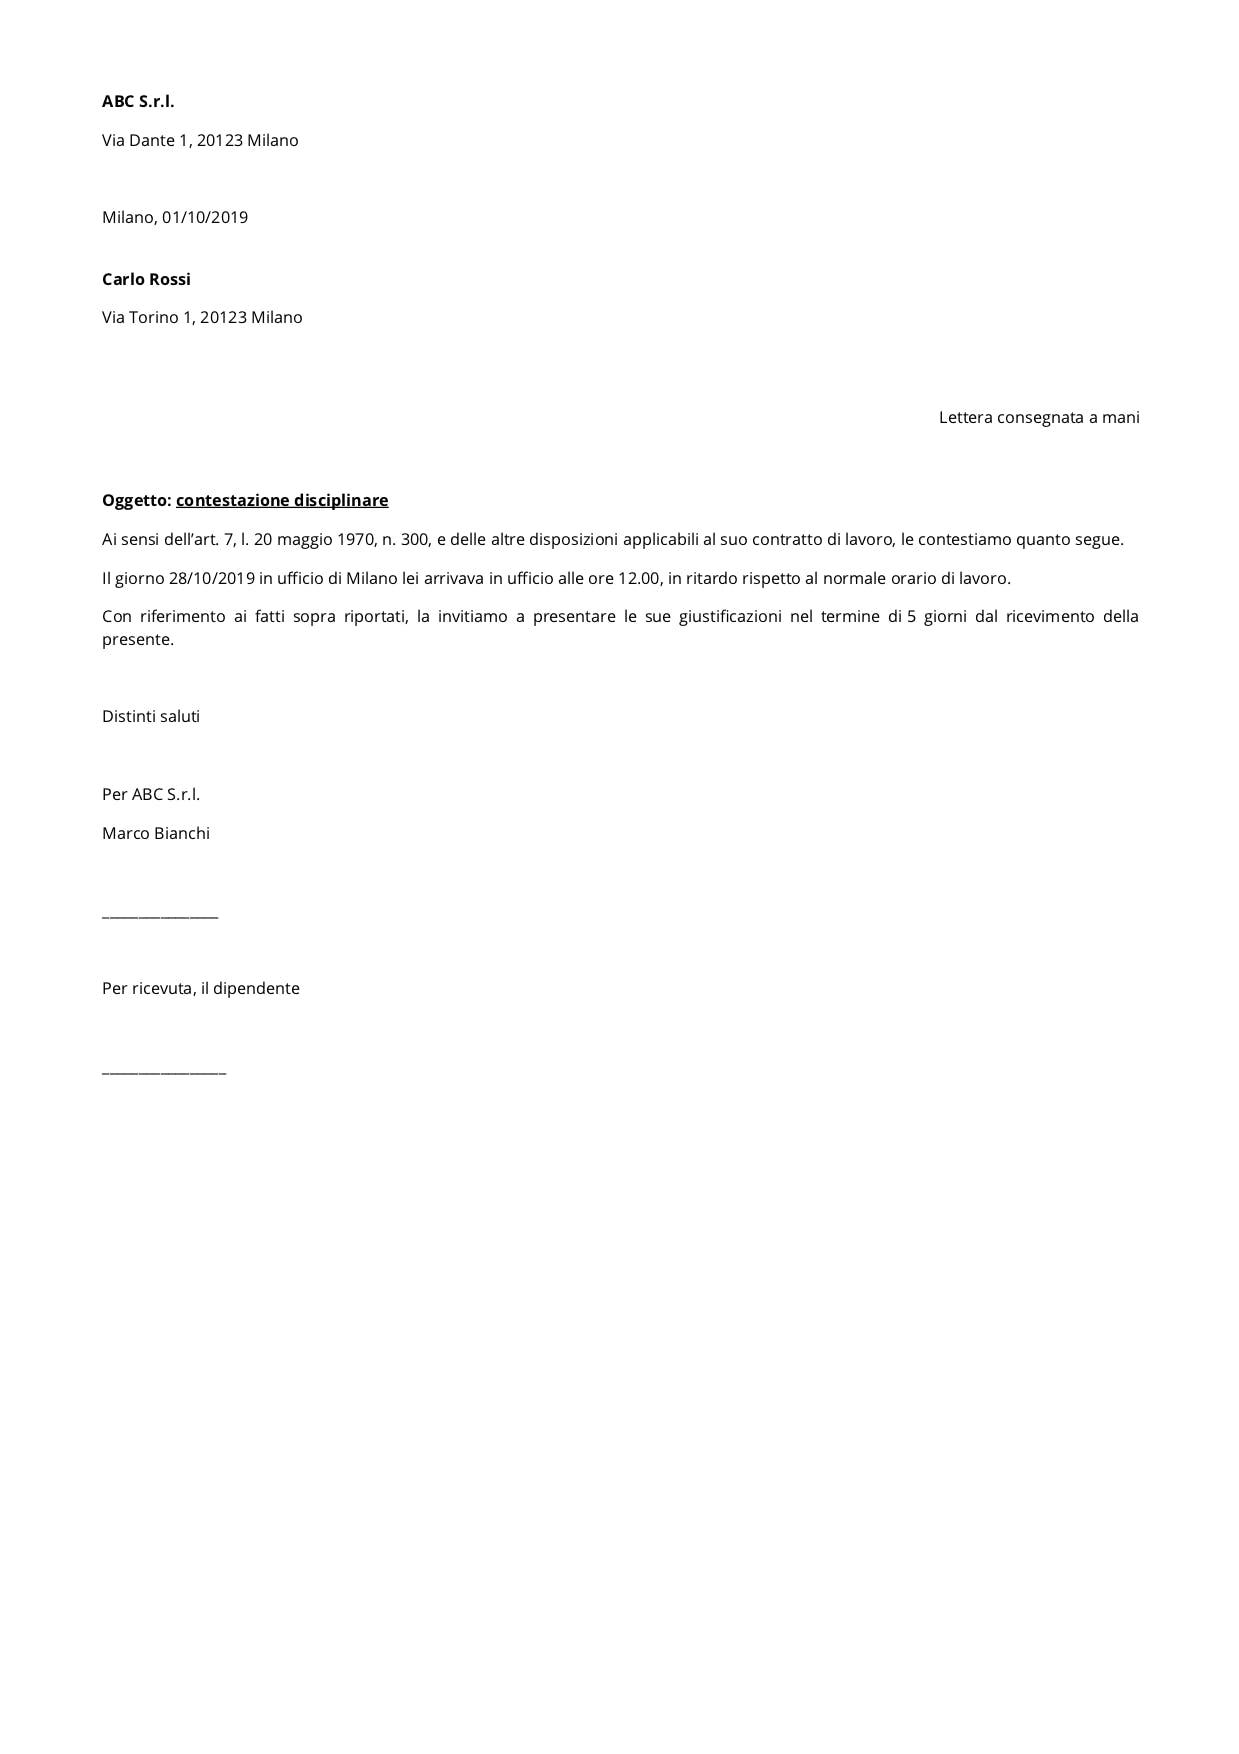 Lettera di Richiamo Disciplinare (Contestazione Disciplinare) modello